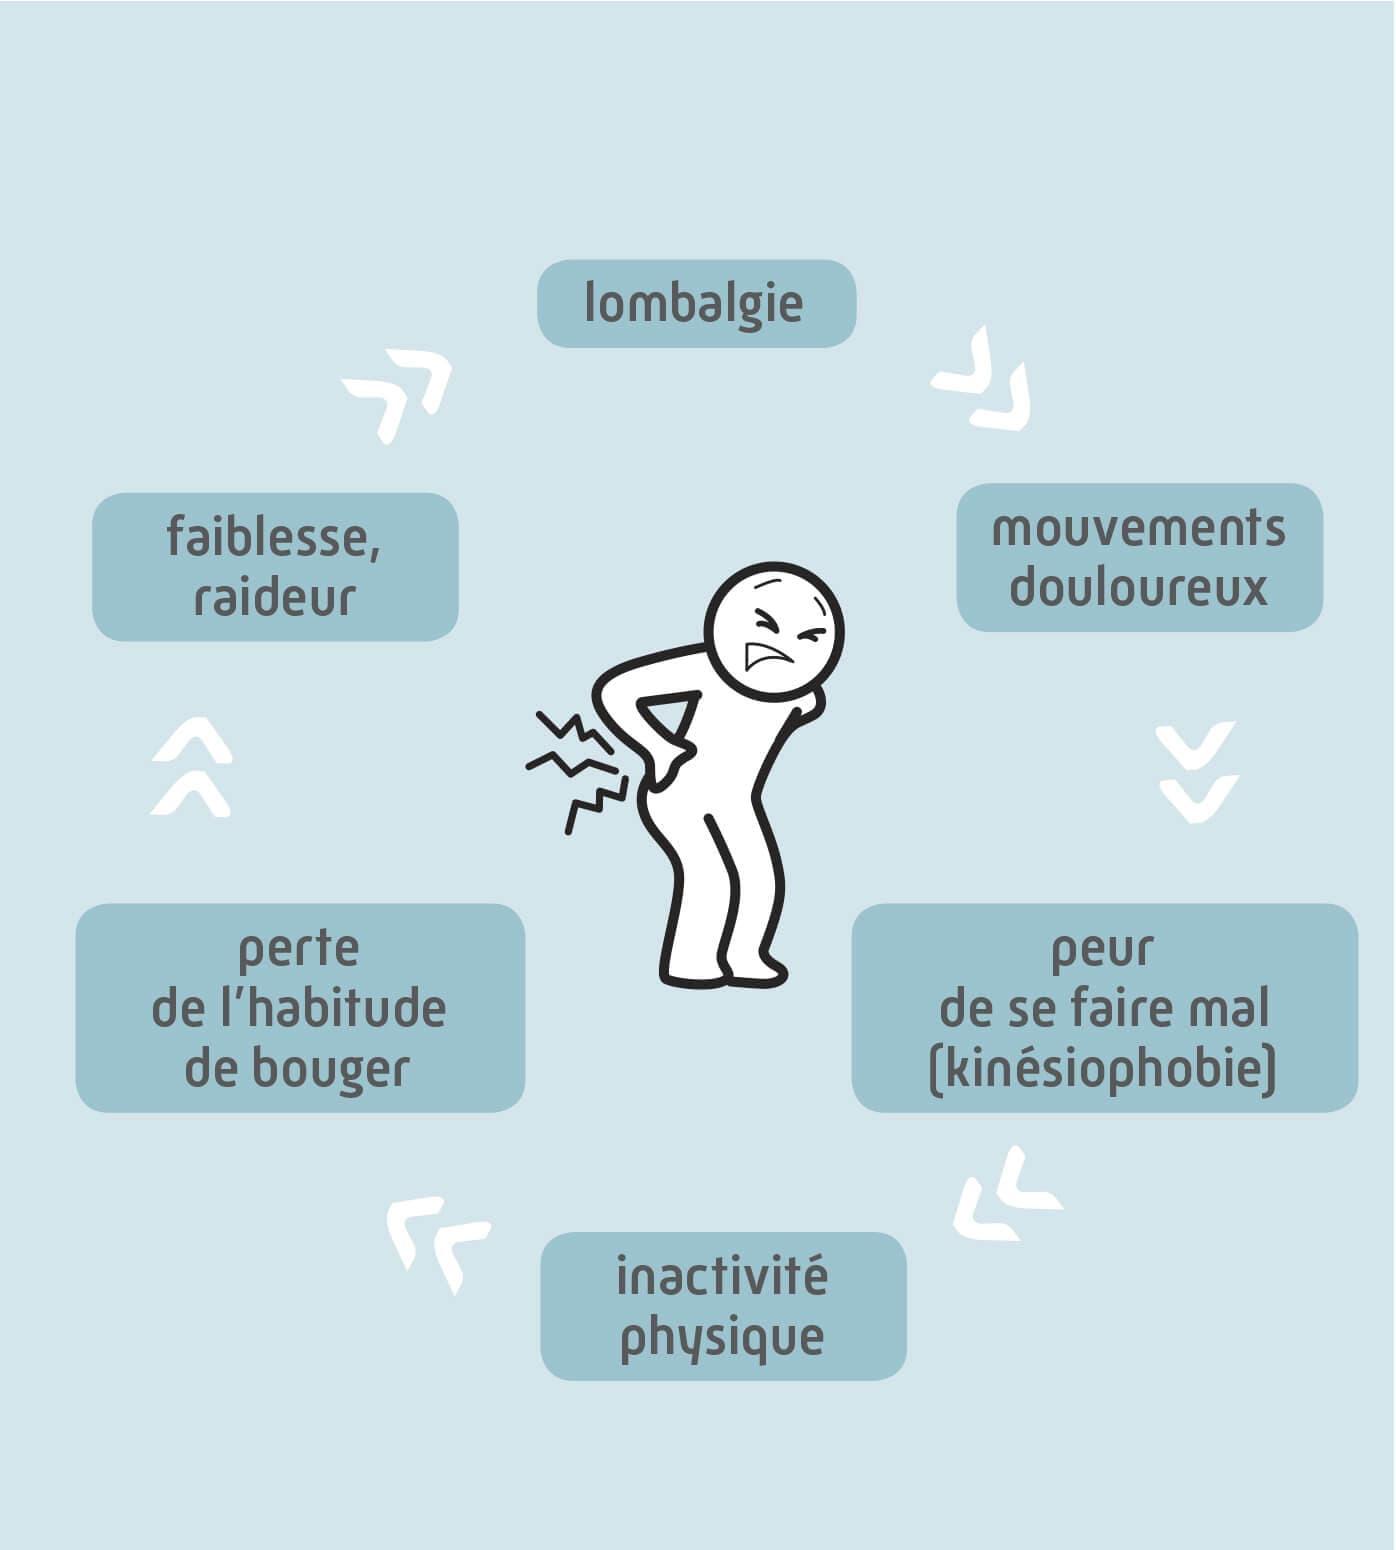 Infographie représentant le cercle vicieux de la lombalgie : peur de se faire mal (kinésiophobie), inactivité physique, perte de l'habitude de bouger, faiblesse, raideur